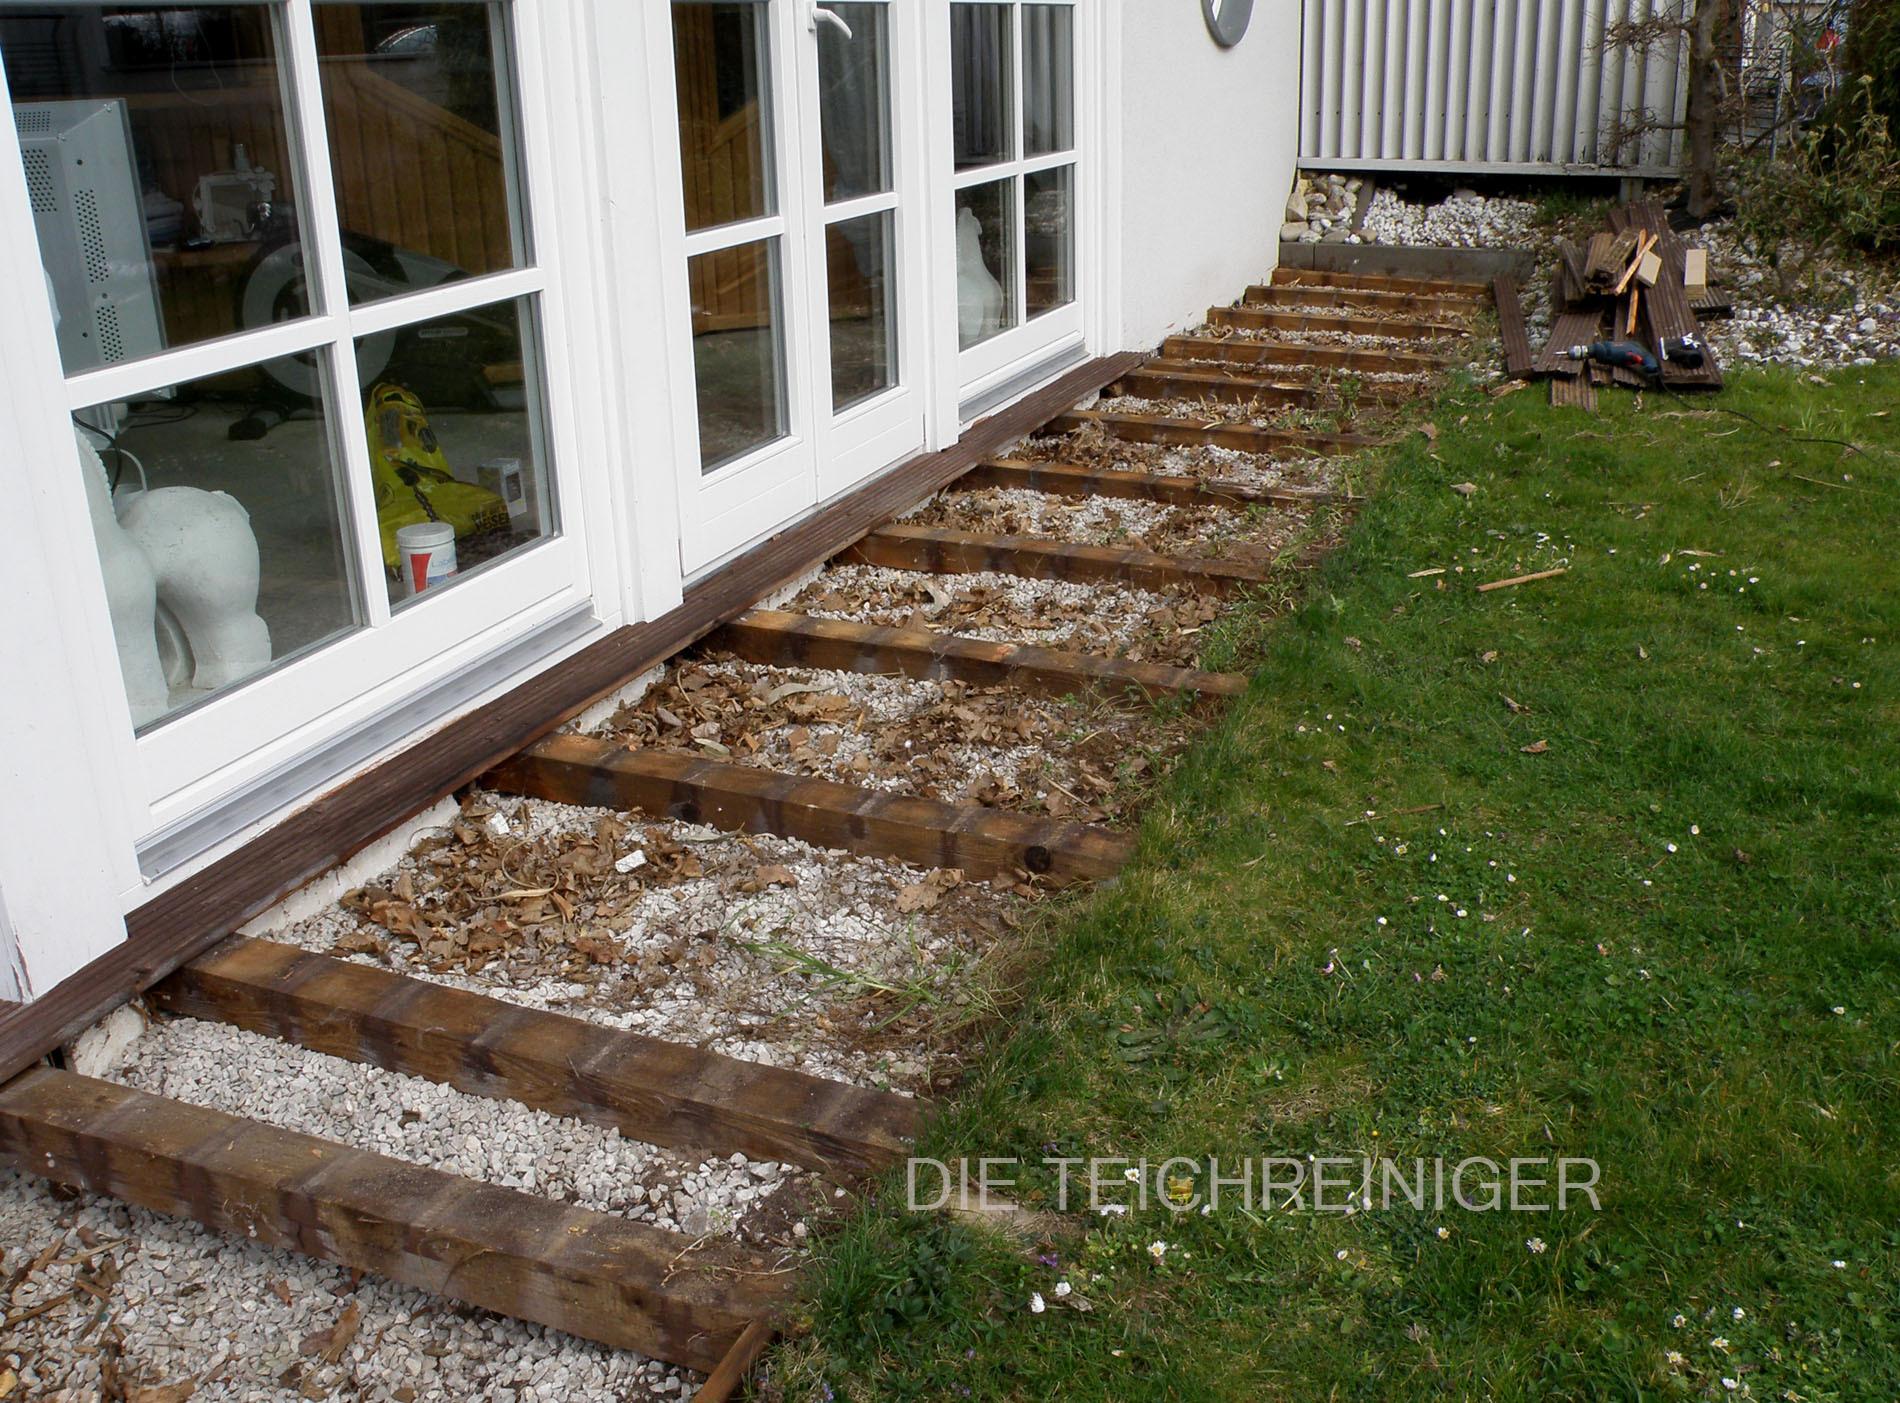 terrassen terrassenbilder sch ne terrassen die teichreiniger. Black Bedroom Furniture Sets. Home Design Ideas